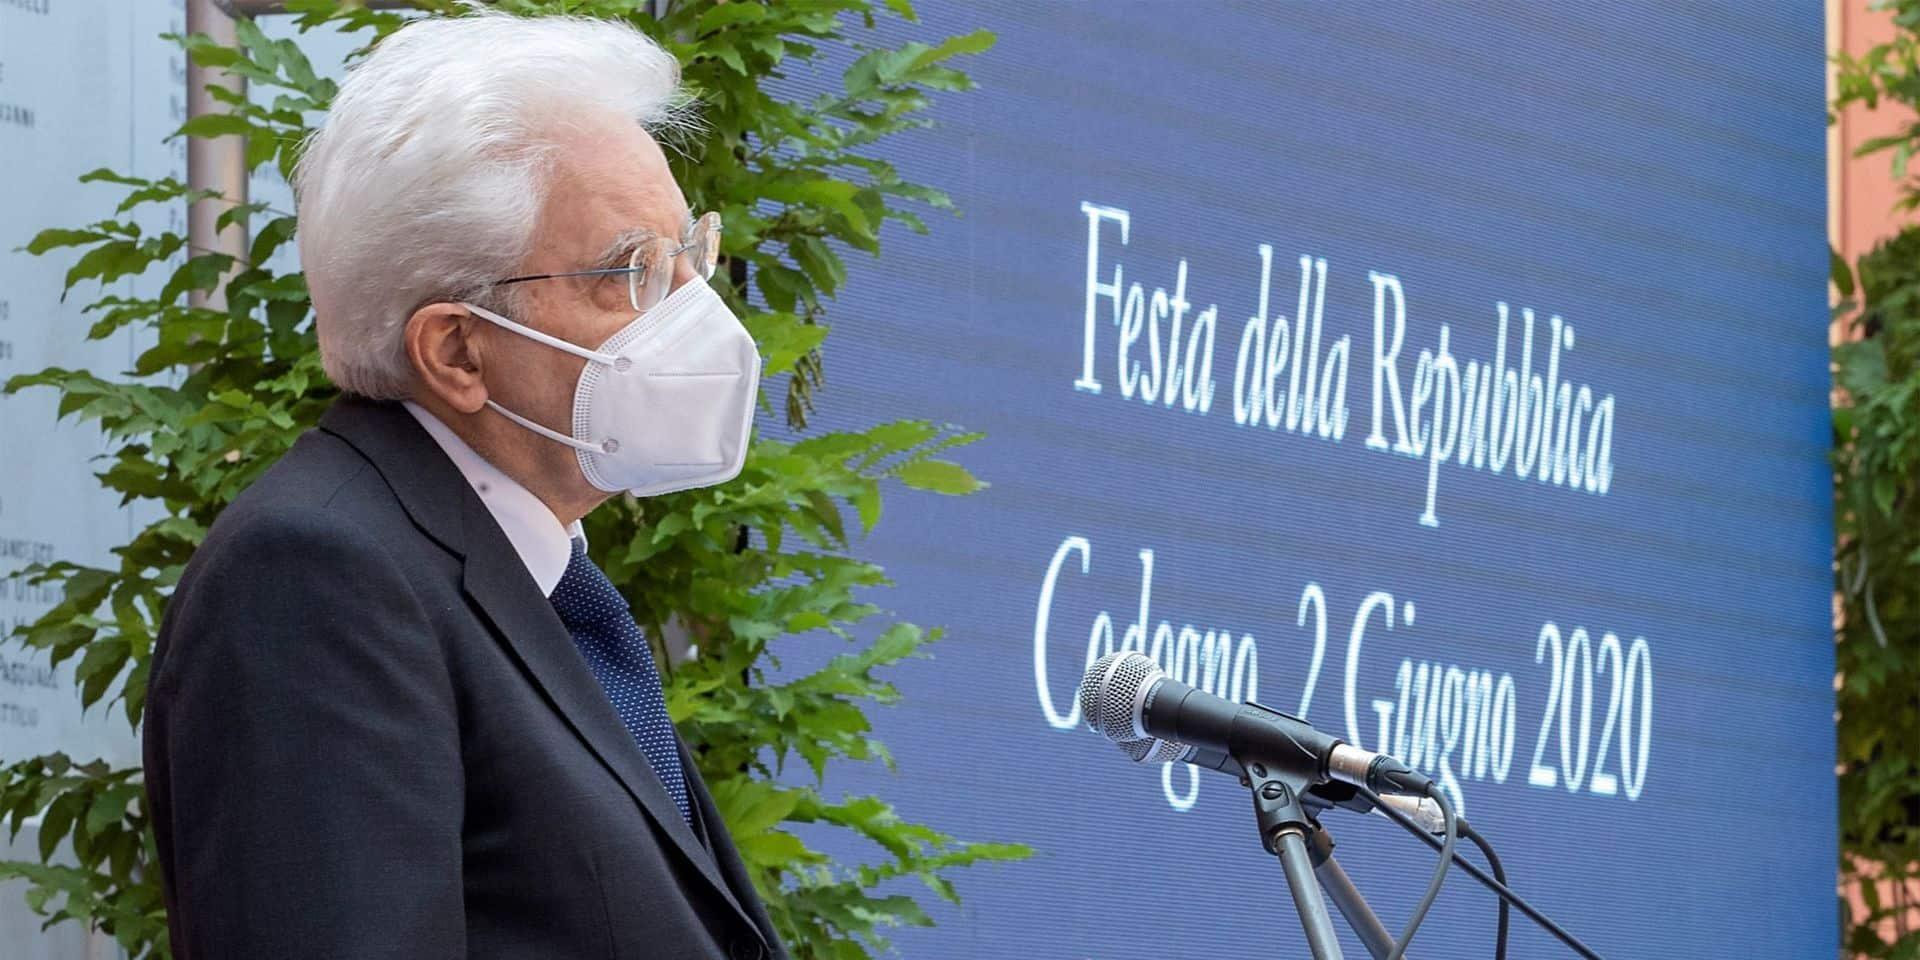 Le président italien rend hommage à 57 héros de la pandémie